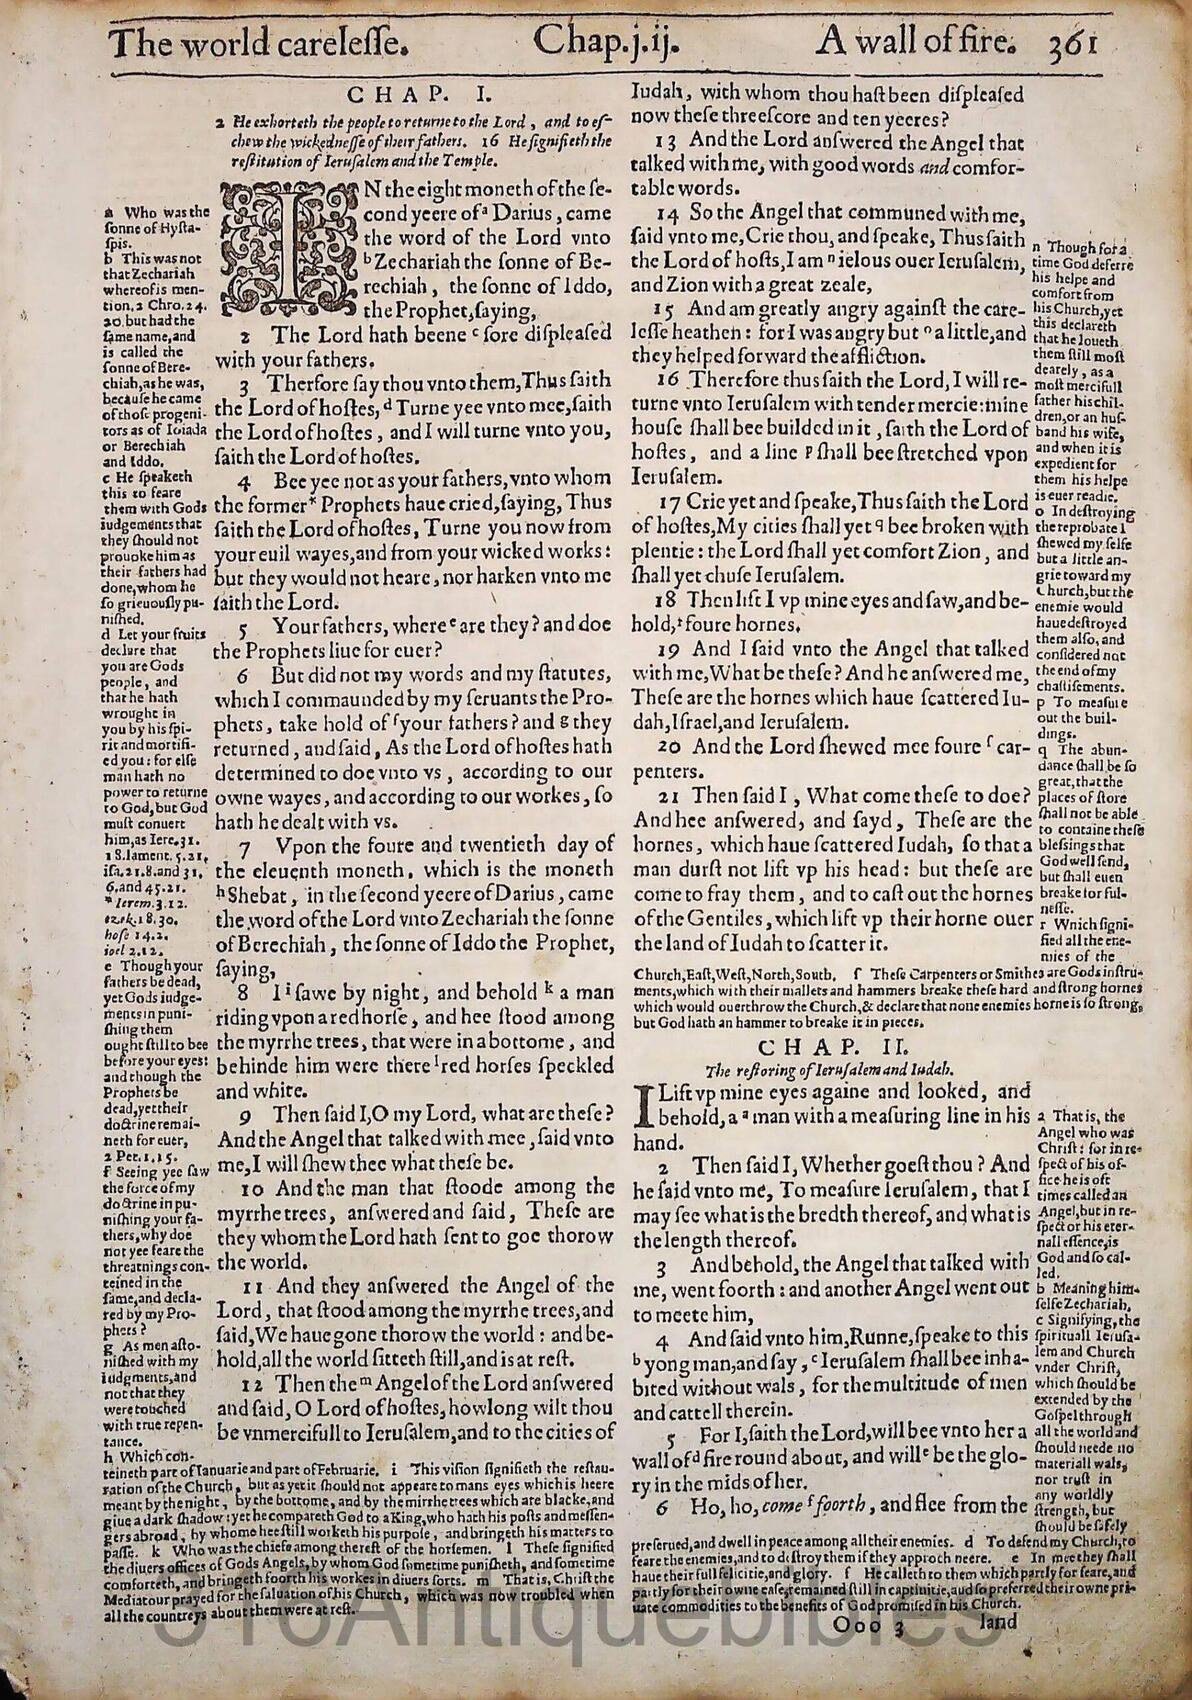 1612 GENEVA BIBLE ZECHARIAH LEAVES